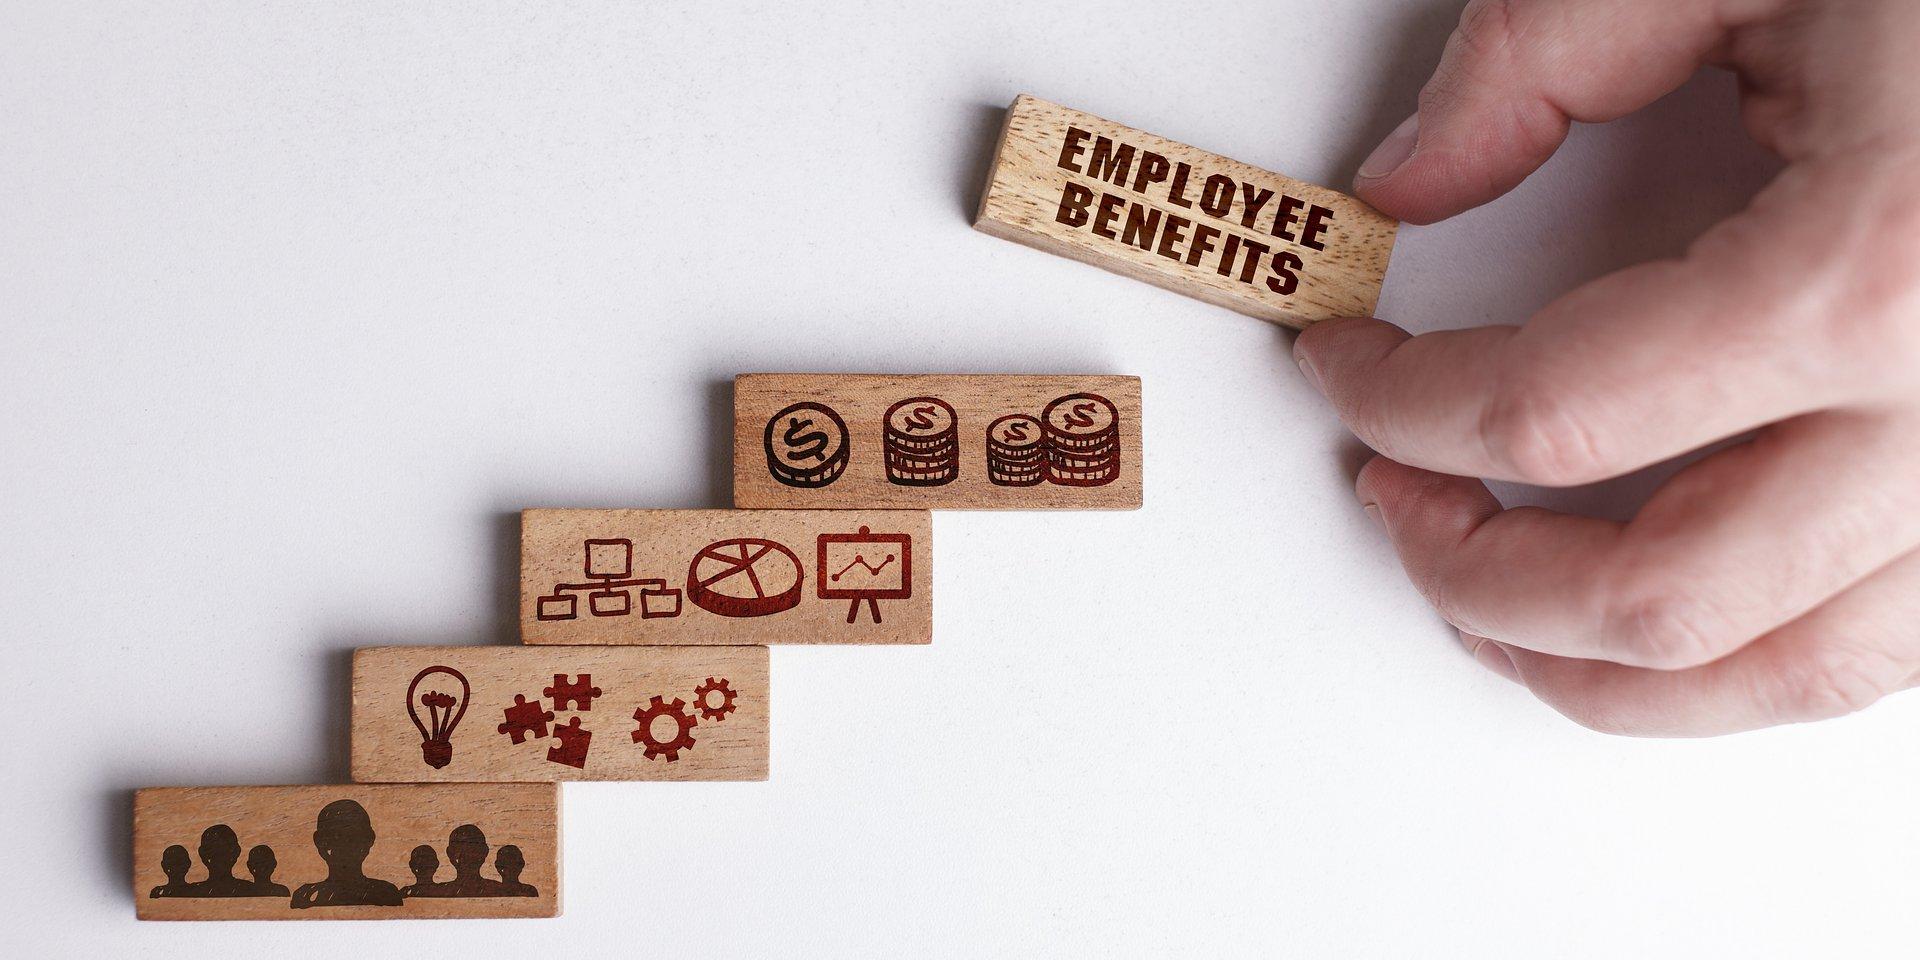 Czego pragną pracownicy? Benefitowej rewolucji!